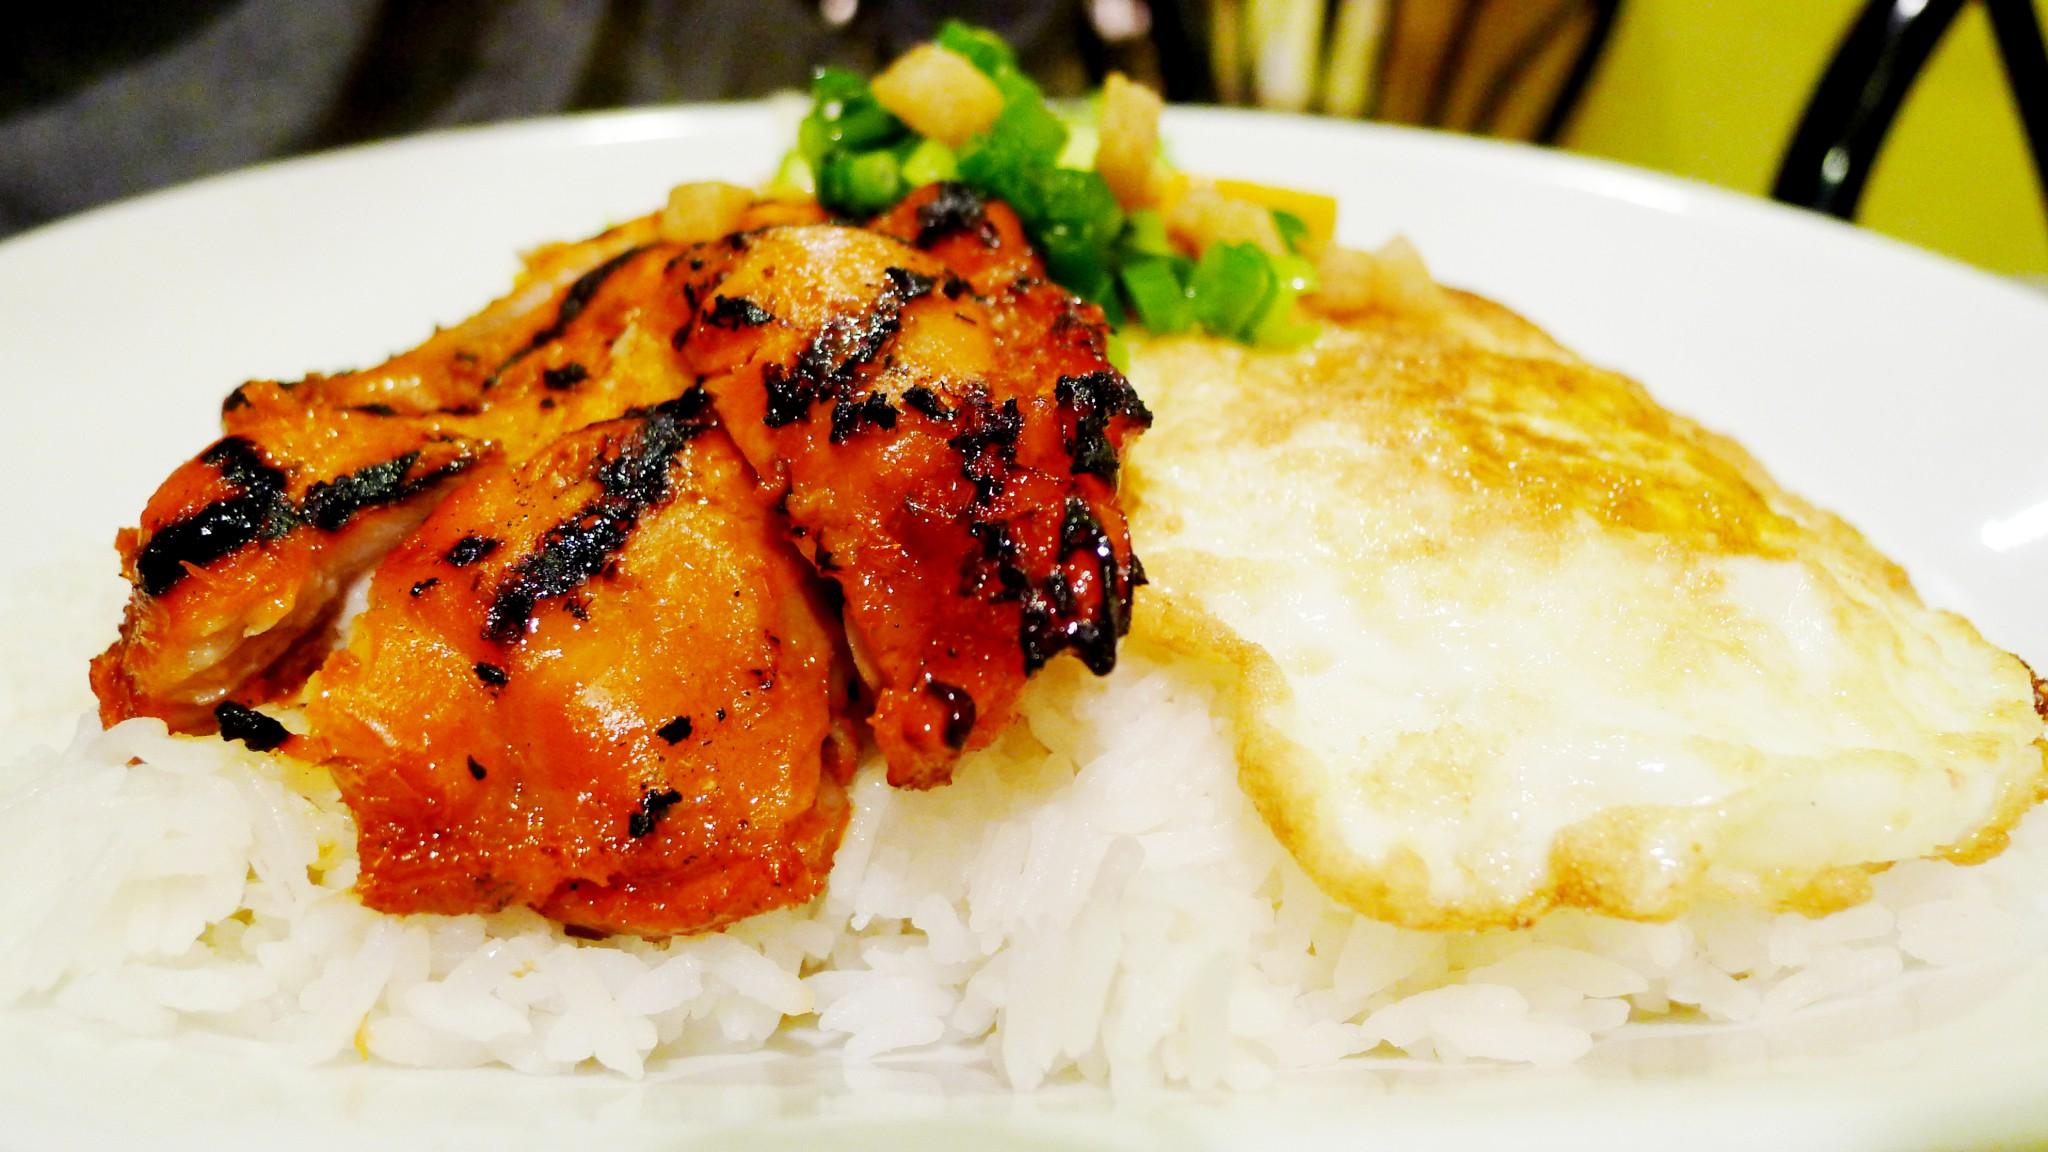 Le Do Vietnamese Vancouver best pho noodles Nomss.com broken rice